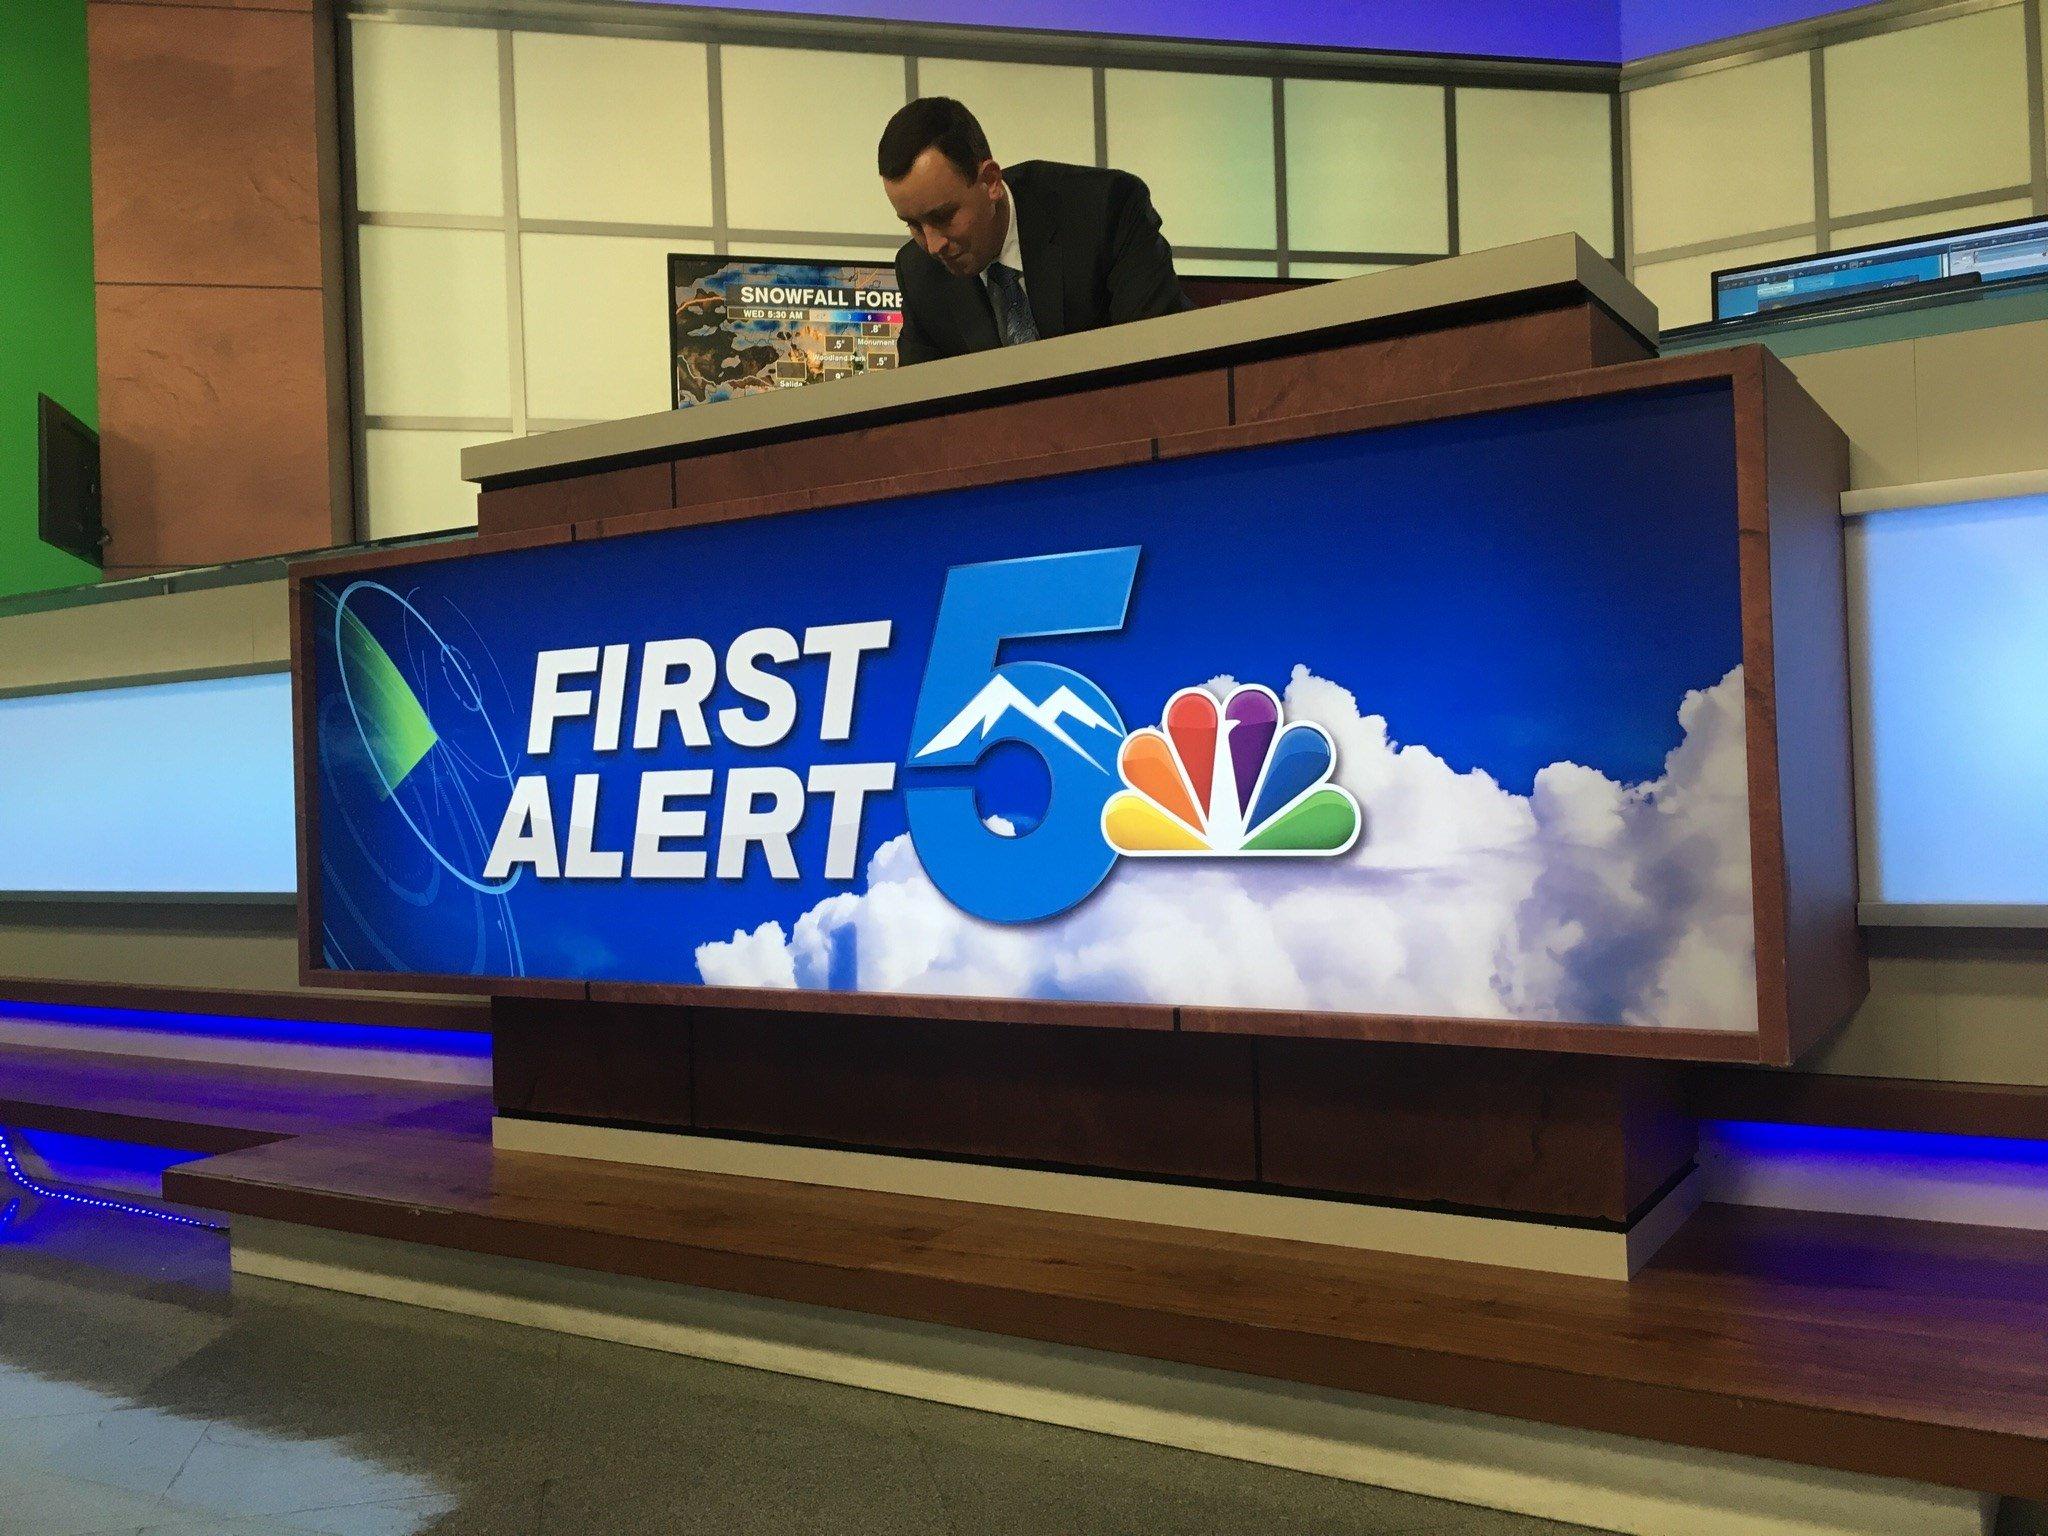 First Alert 5 Meteorologist Sam Schreier working in the First Alert 5 Weather Center on Nov. 7, 2017.